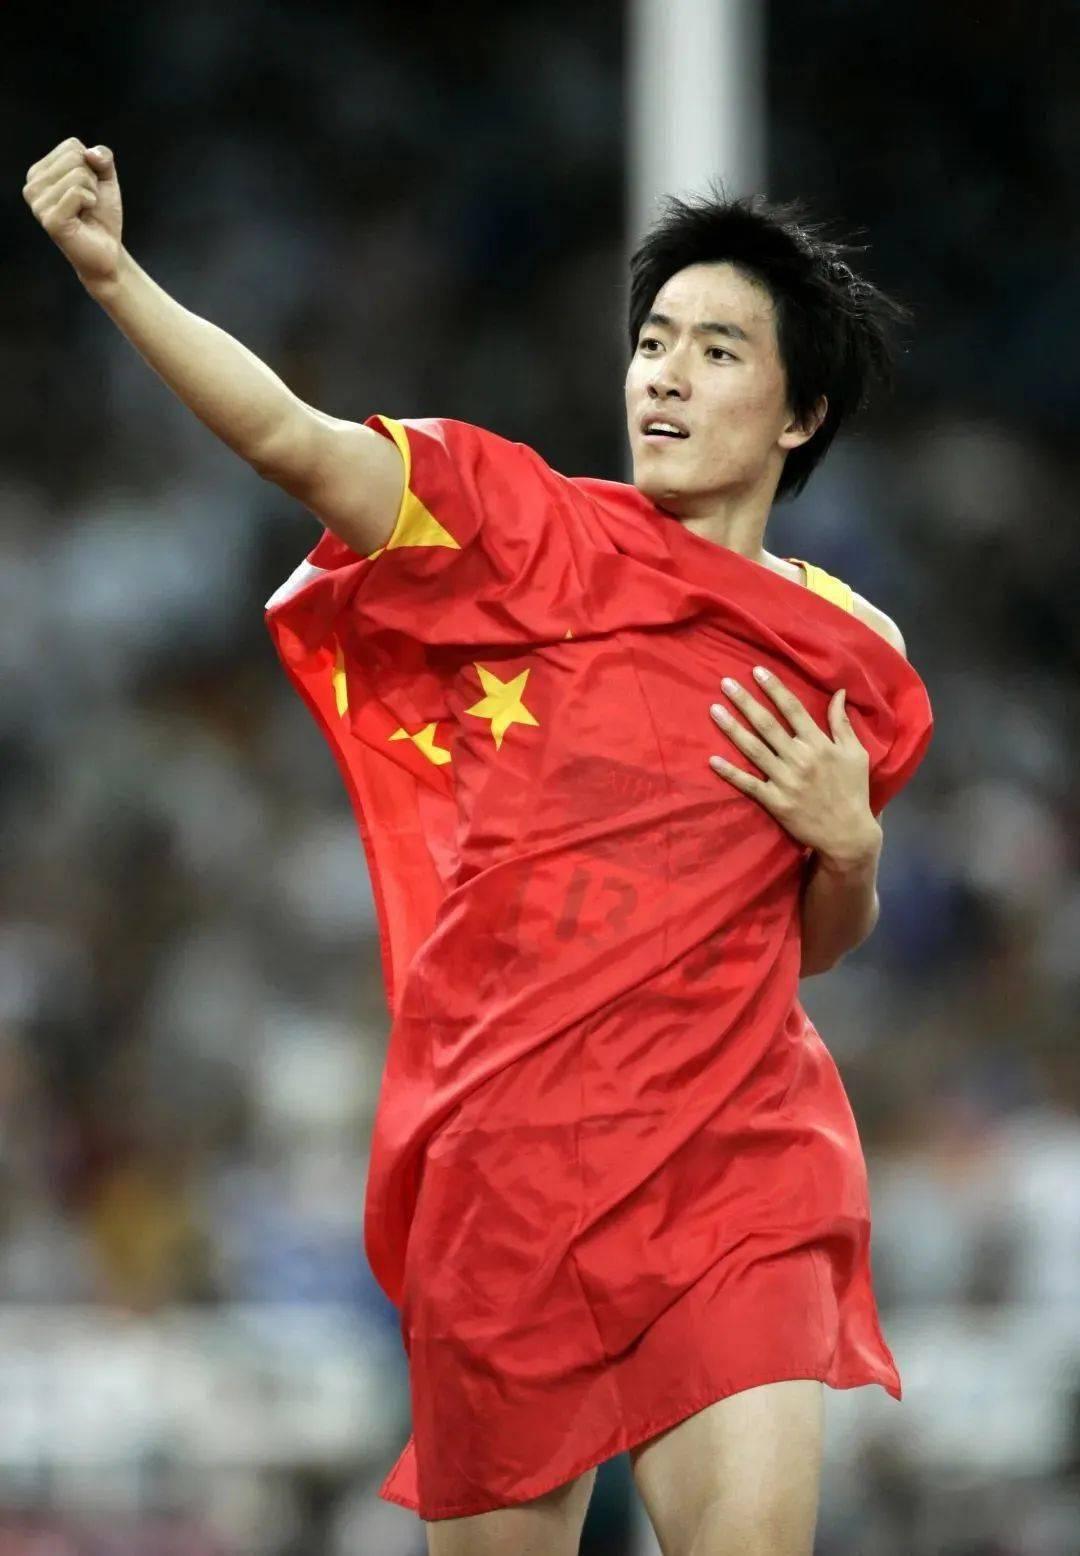 多年后刘翔首次回应退赛质疑:不需要道歉,我可以理解。